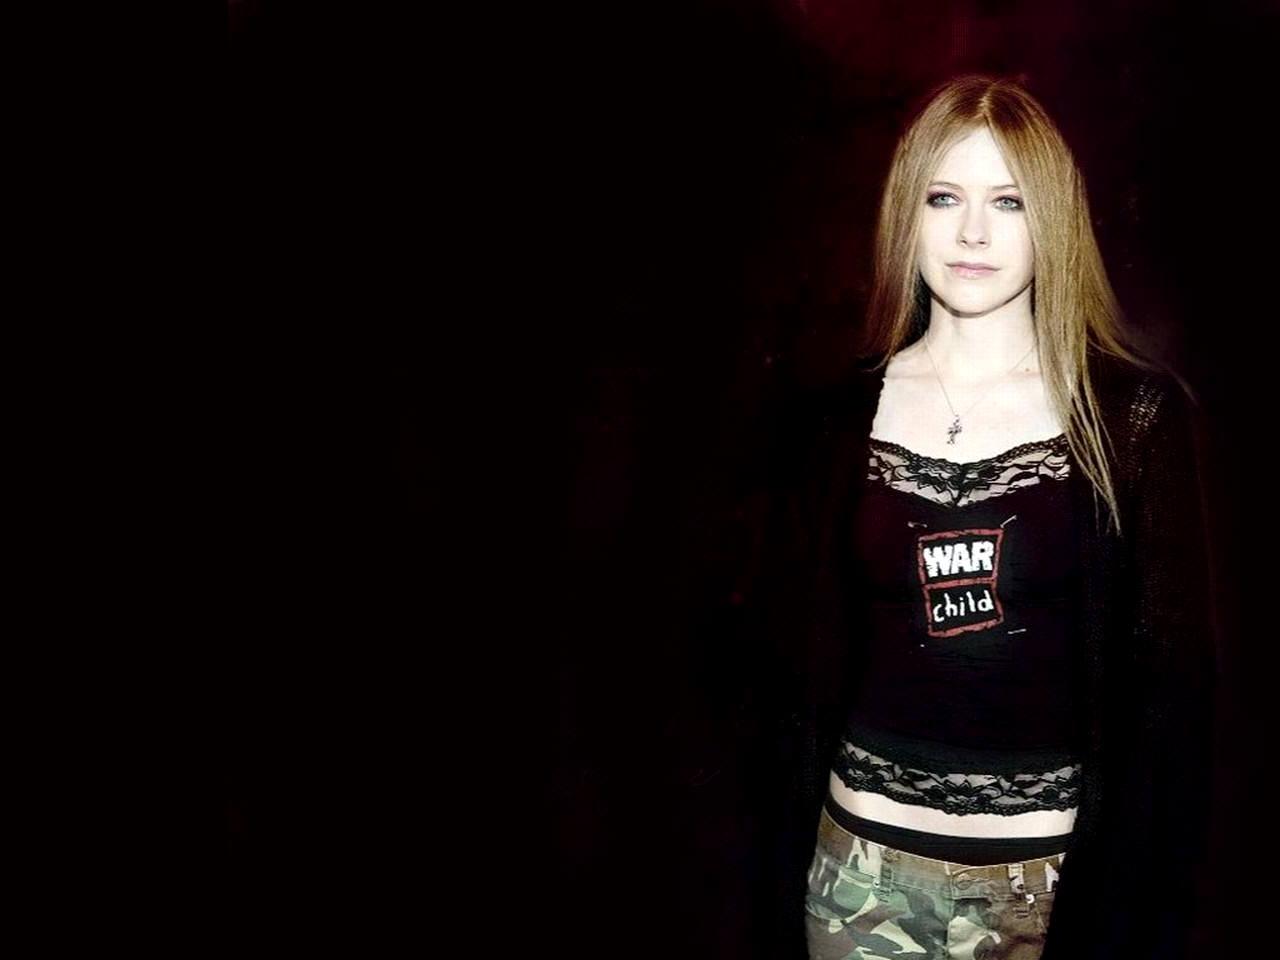 http://1.bp.blogspot.com/-7M_C9DMi4nI/TmGw7FvQIBI/AAAAAAAAAog/d1YJu4DSeIQ/s1600/Avril+Lavigne+Pictures+%252827%2529.jpg